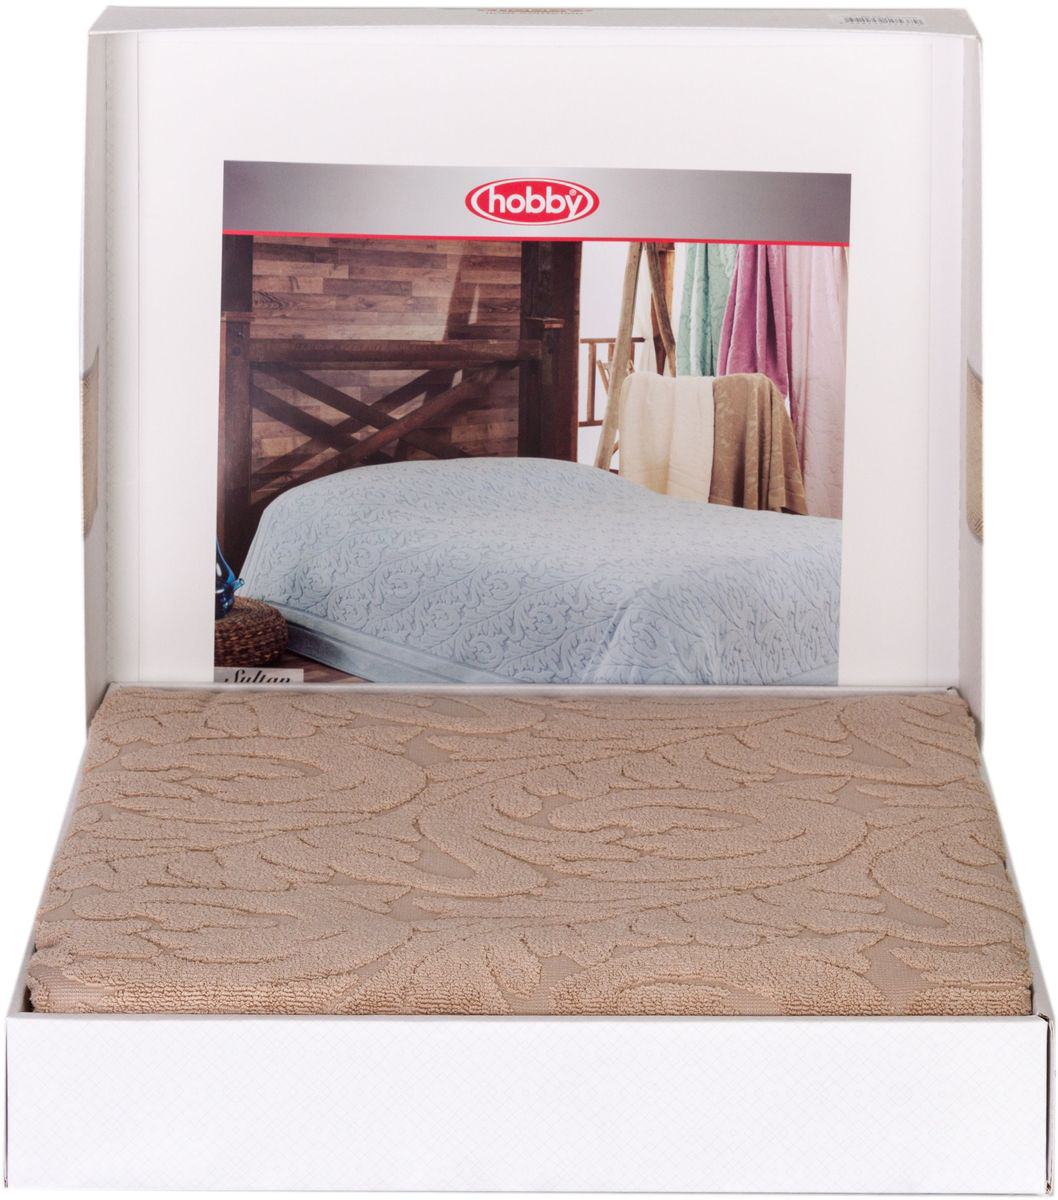 Покрывало Hobby Home Collection Sultan, цвет: бежевый, 160 х 200 смFD 992Шикарное покрывало Hobby Home Collection Sultan изготовлено из 100% хлопка высшей категории. Оно обладает замечательными дышащими свойствами и будет хорошо смотреться как на диване, так и на большой кровати. Данное покрывало можно также использовать в качестве одеяла.